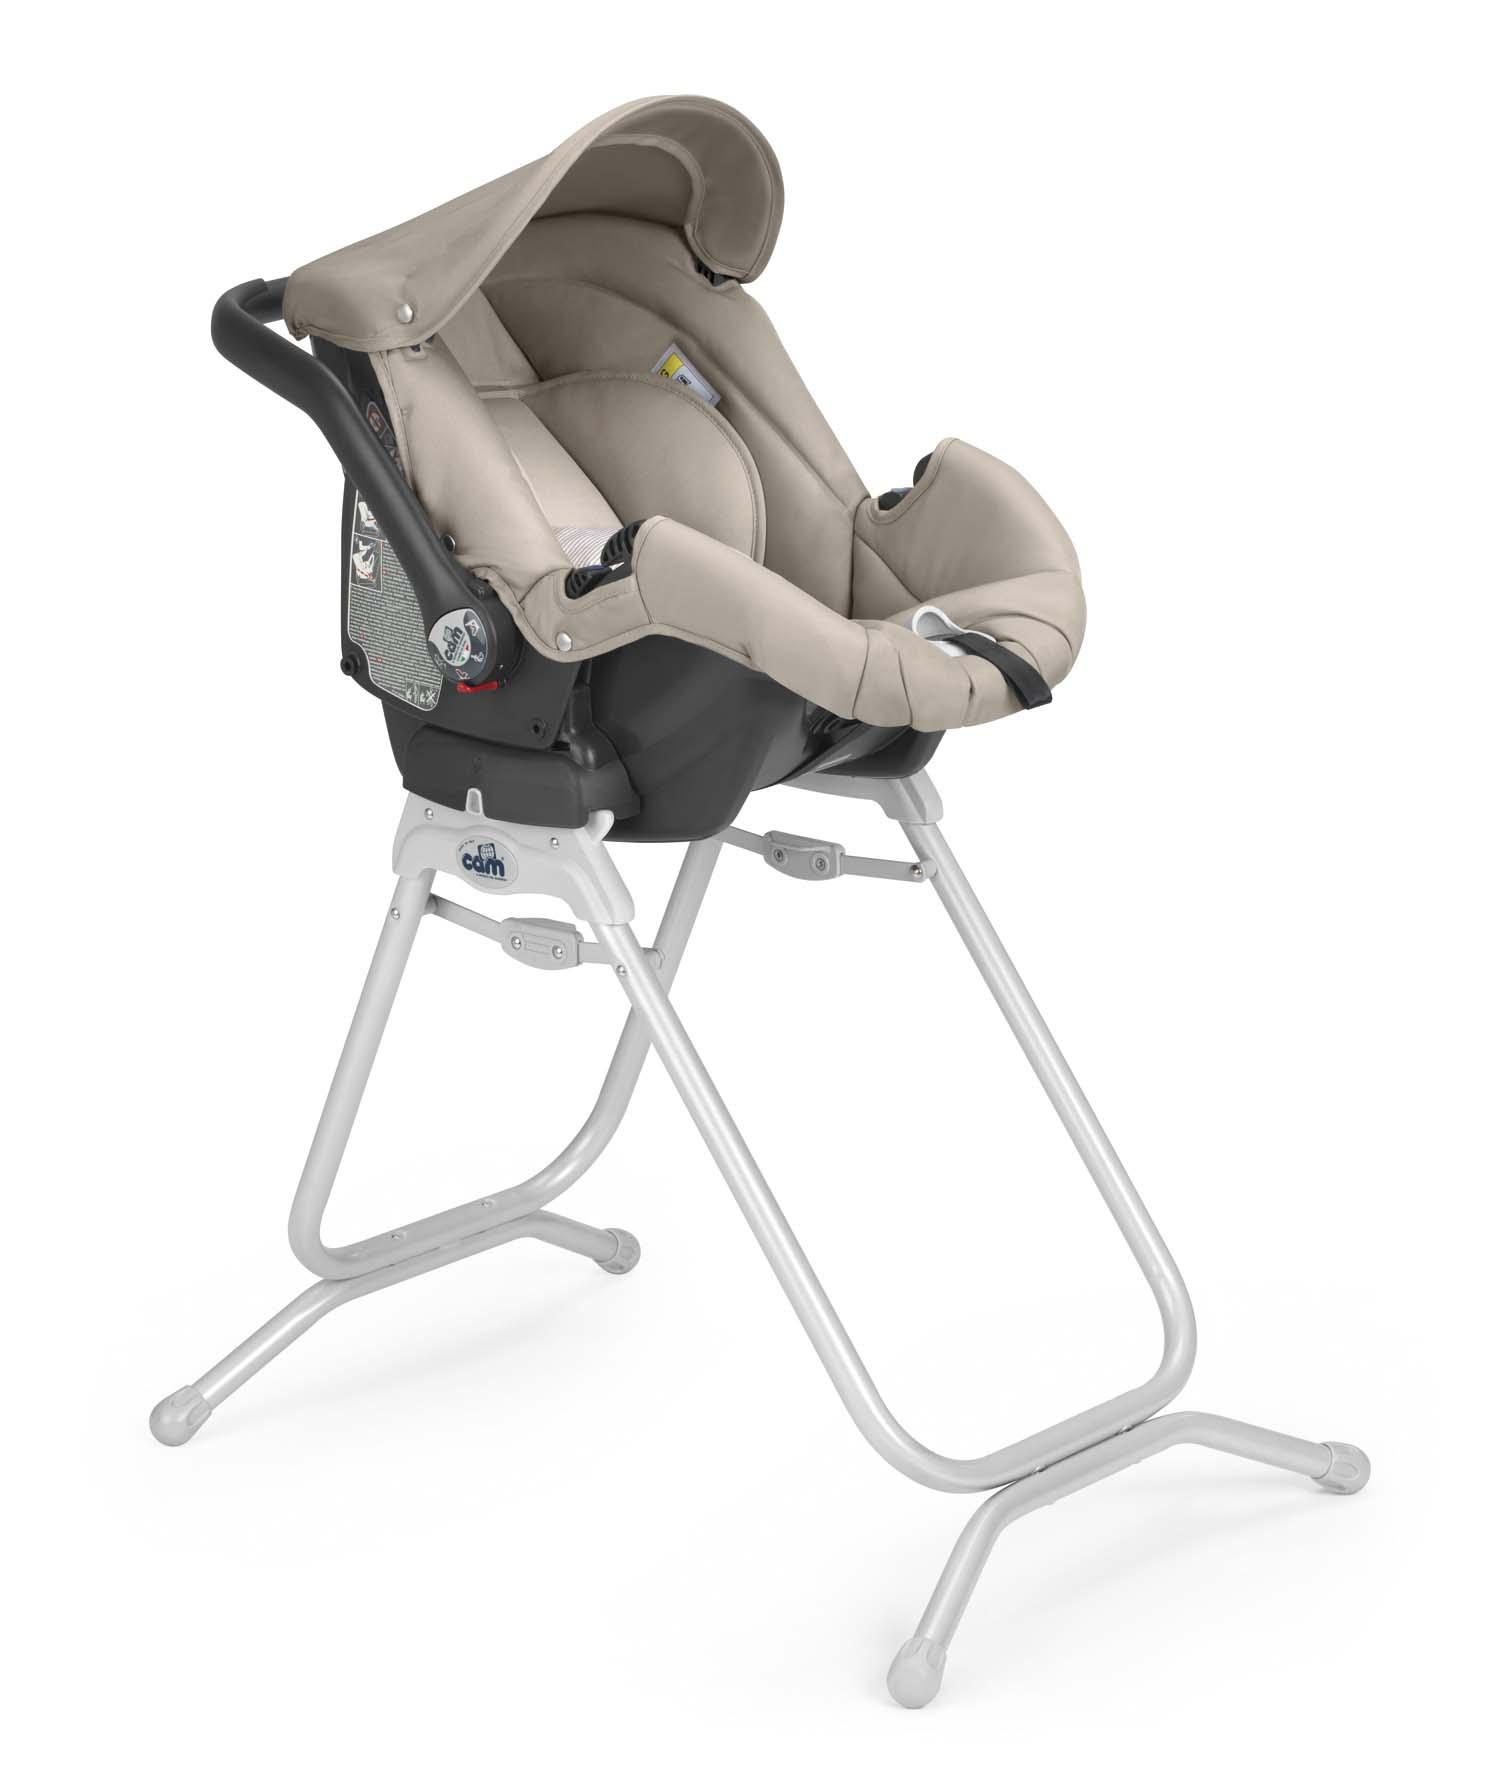 Stojan na hlubokou korbu, sporovní sezení a sedačku